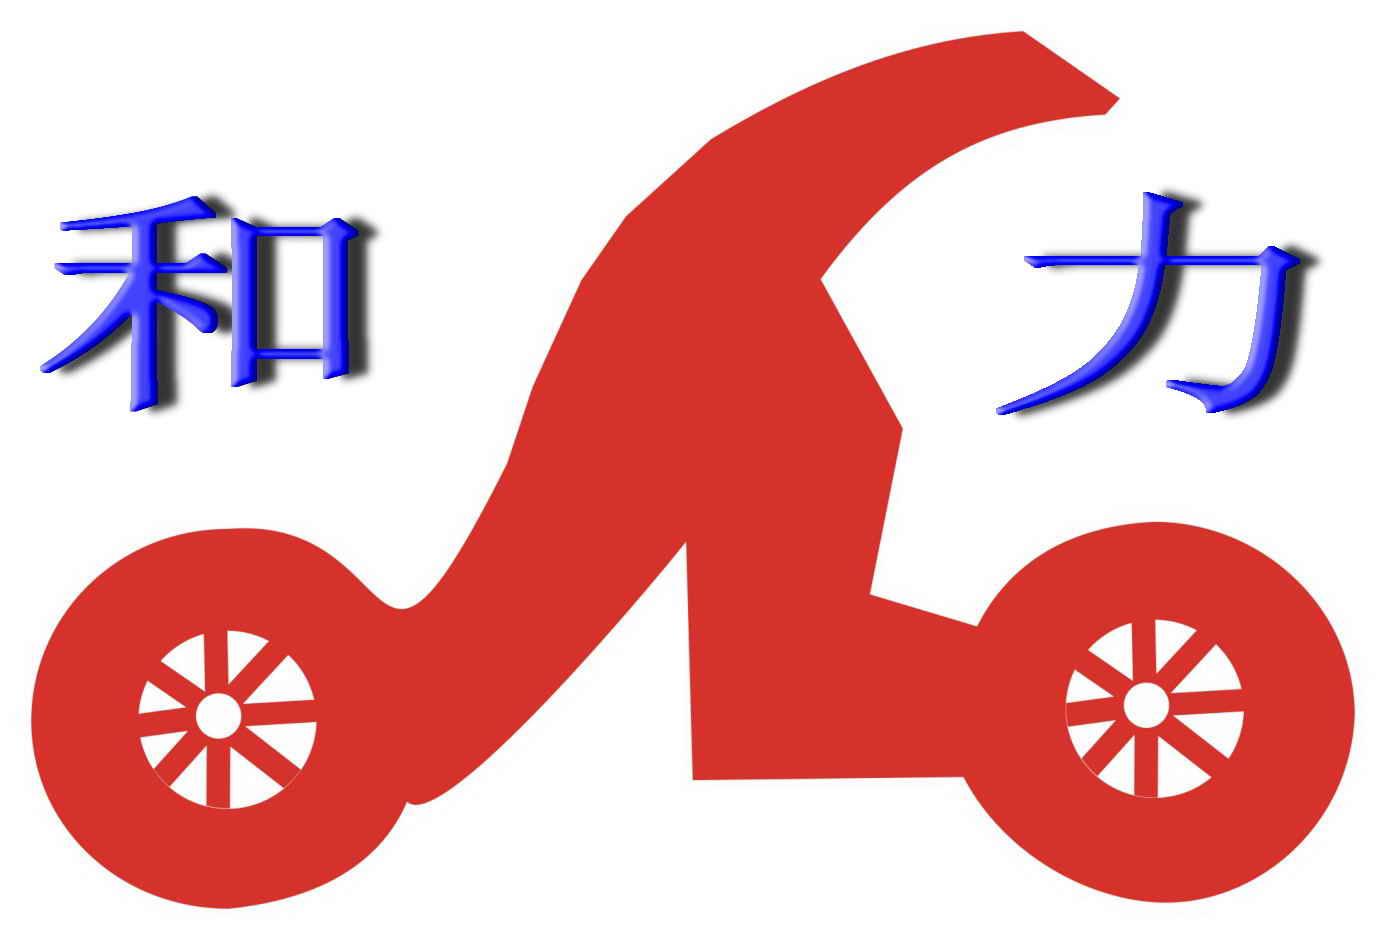 位于珠海市斗门区井岸镇井湾路511-515号《和力电动自行车城》成立于2003年, 是珠海西区最早专业从事电动车销售及维修的企业。本企业一直以优质服务、诚信经营、以客为尊为服务宗旨故深得广大消费者的青睐。 现主要经营的商品覆盖电动车(主营:凯骑、奥娃、富士杰)、自行车、电动车原厂电池、控制器、充电器、防盗器等配件的批发、零售并提供专业的电动车维修(可上门)、保养、及电动车以旧换新等服务。 承蒙各界人士的关爱与支持位于井岸镇井湾路265号《和力电动自行车行第二连锁店》及金湾区平沙镇美平东路85号《和力电动